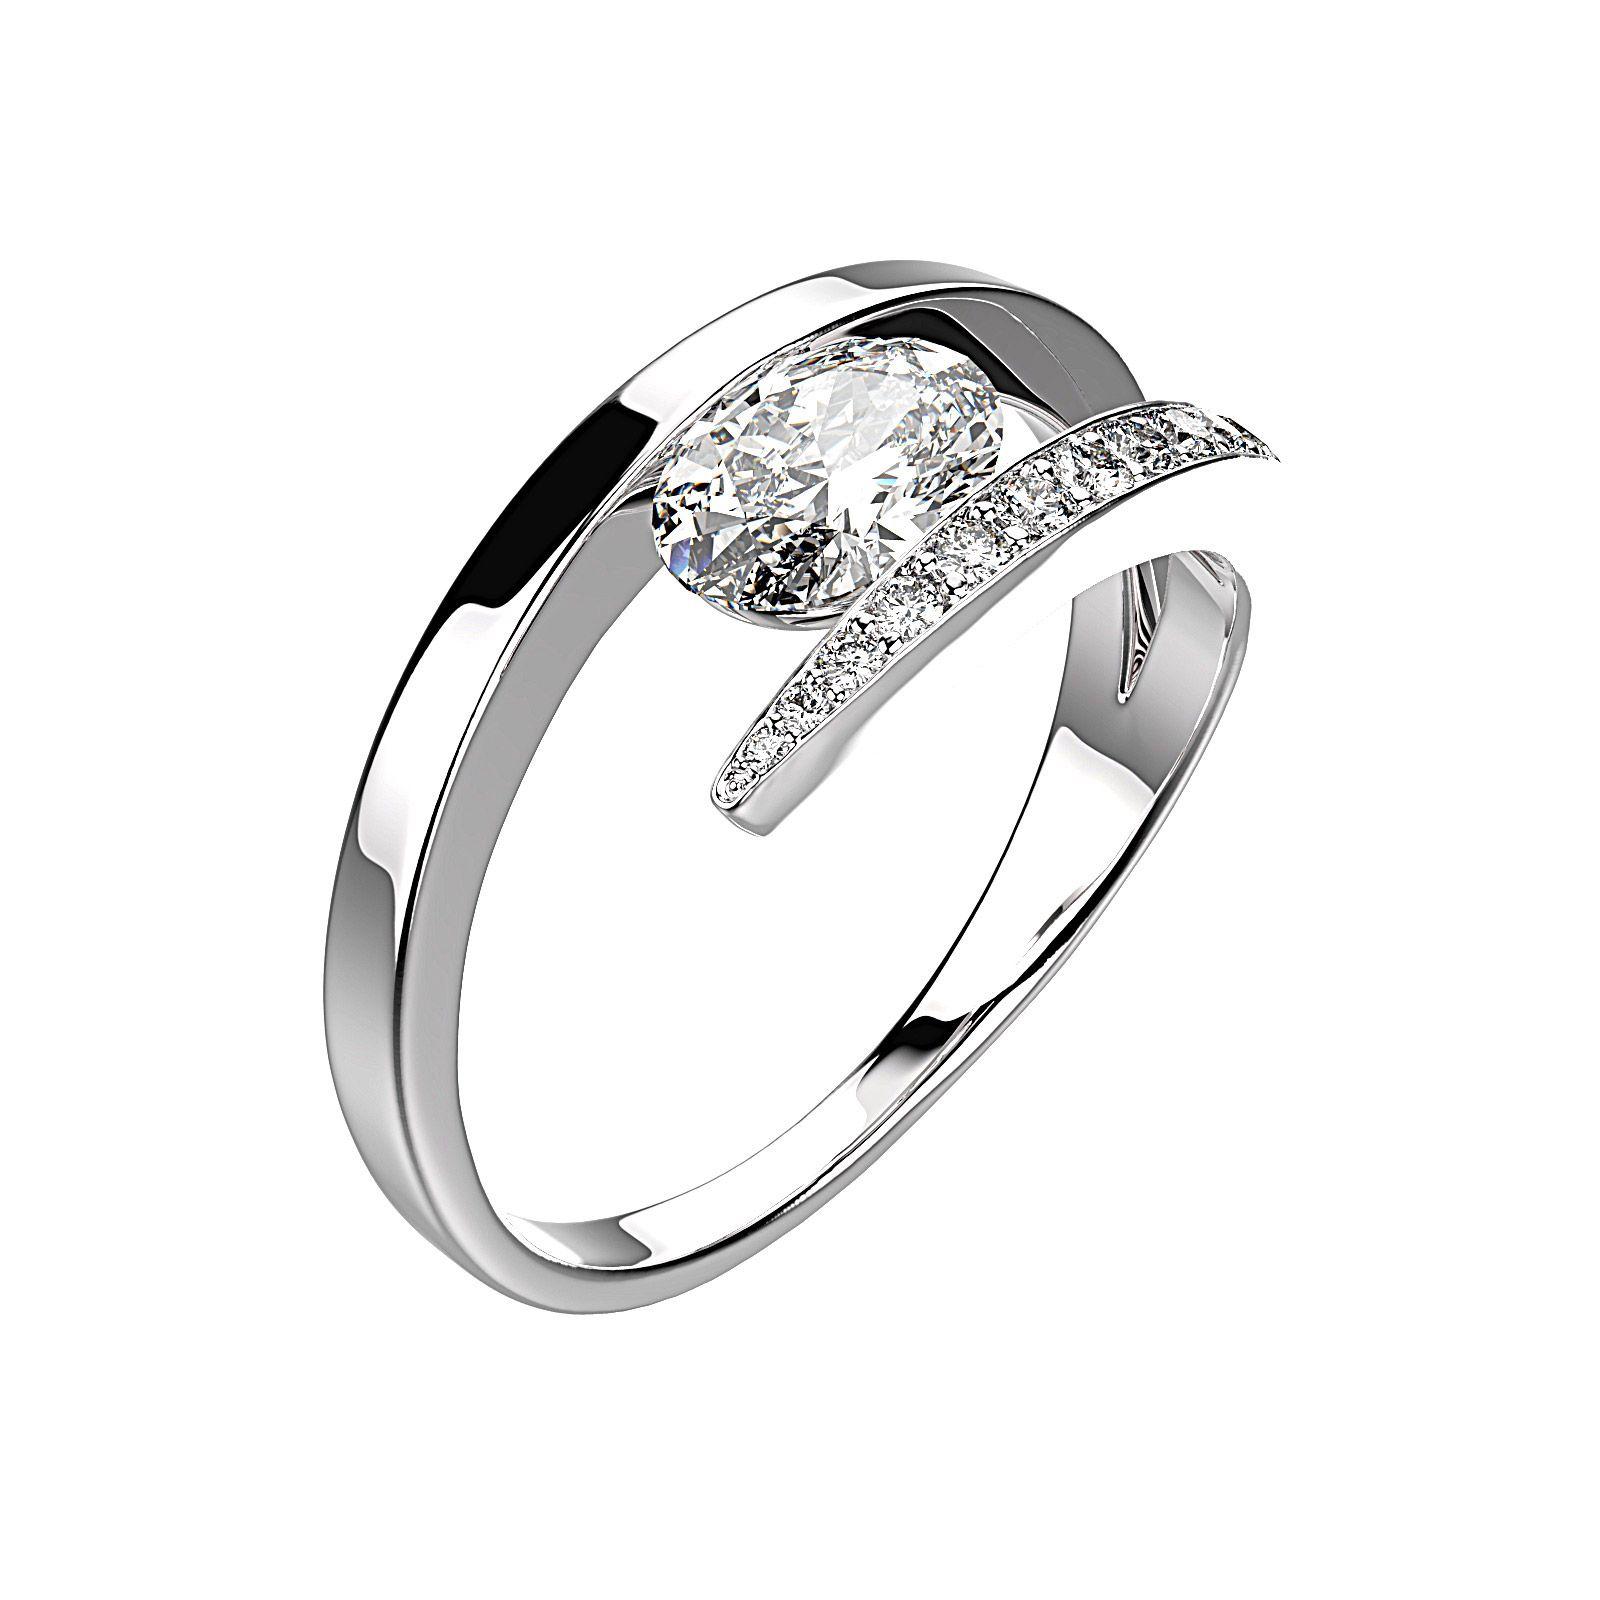 Populaire Ananta Bague Argent, Diamant | Diamant, Bagues et Argent SE22